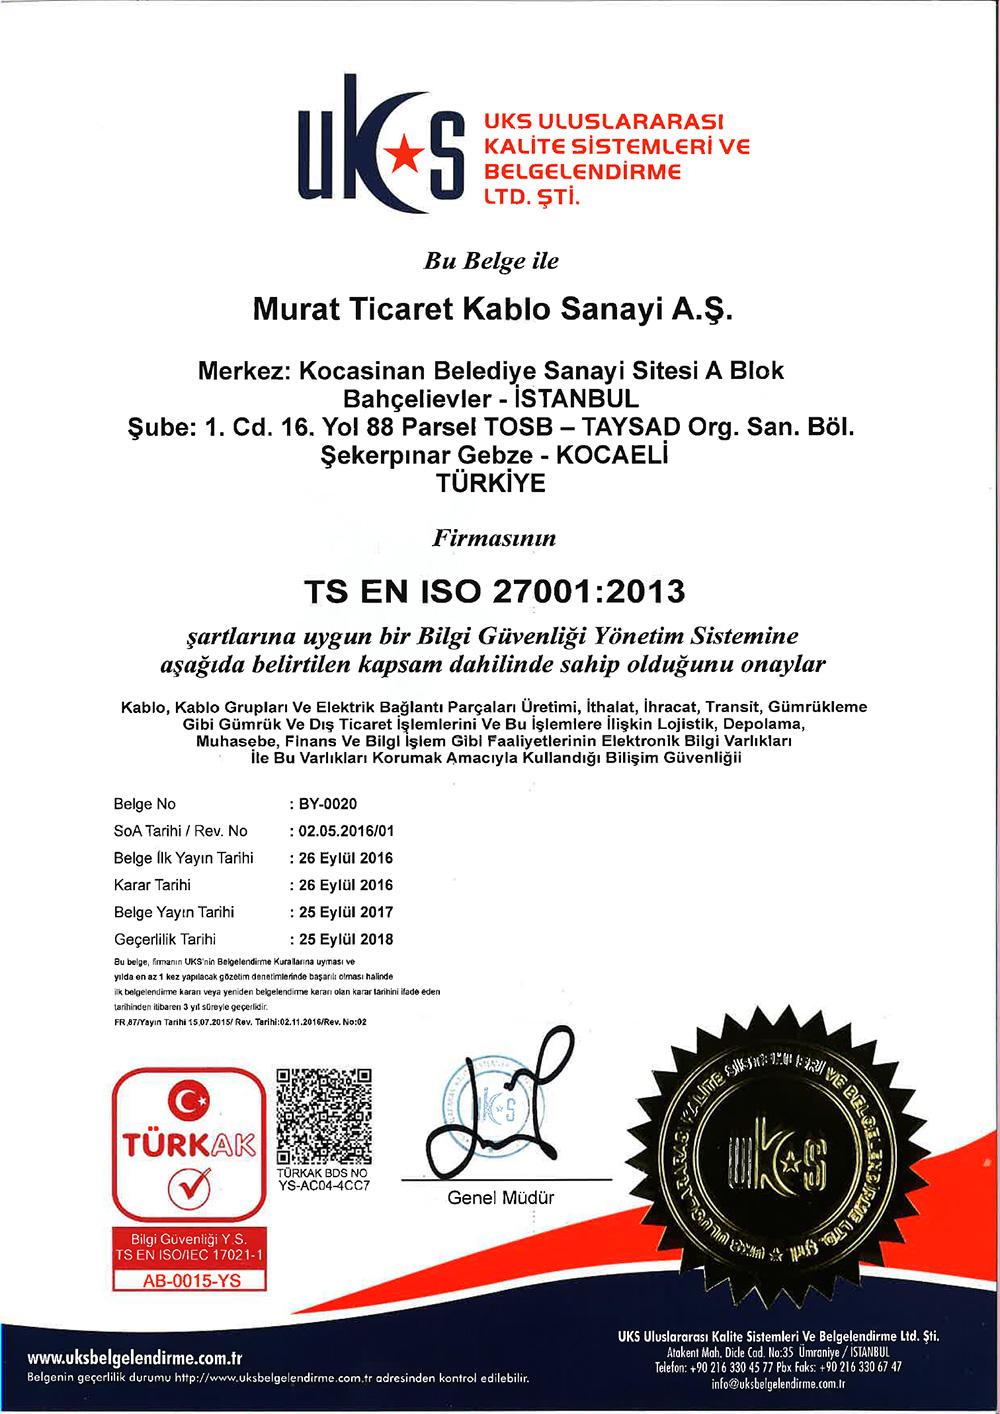 GEBZE ISO-27001 CERTIFICATE